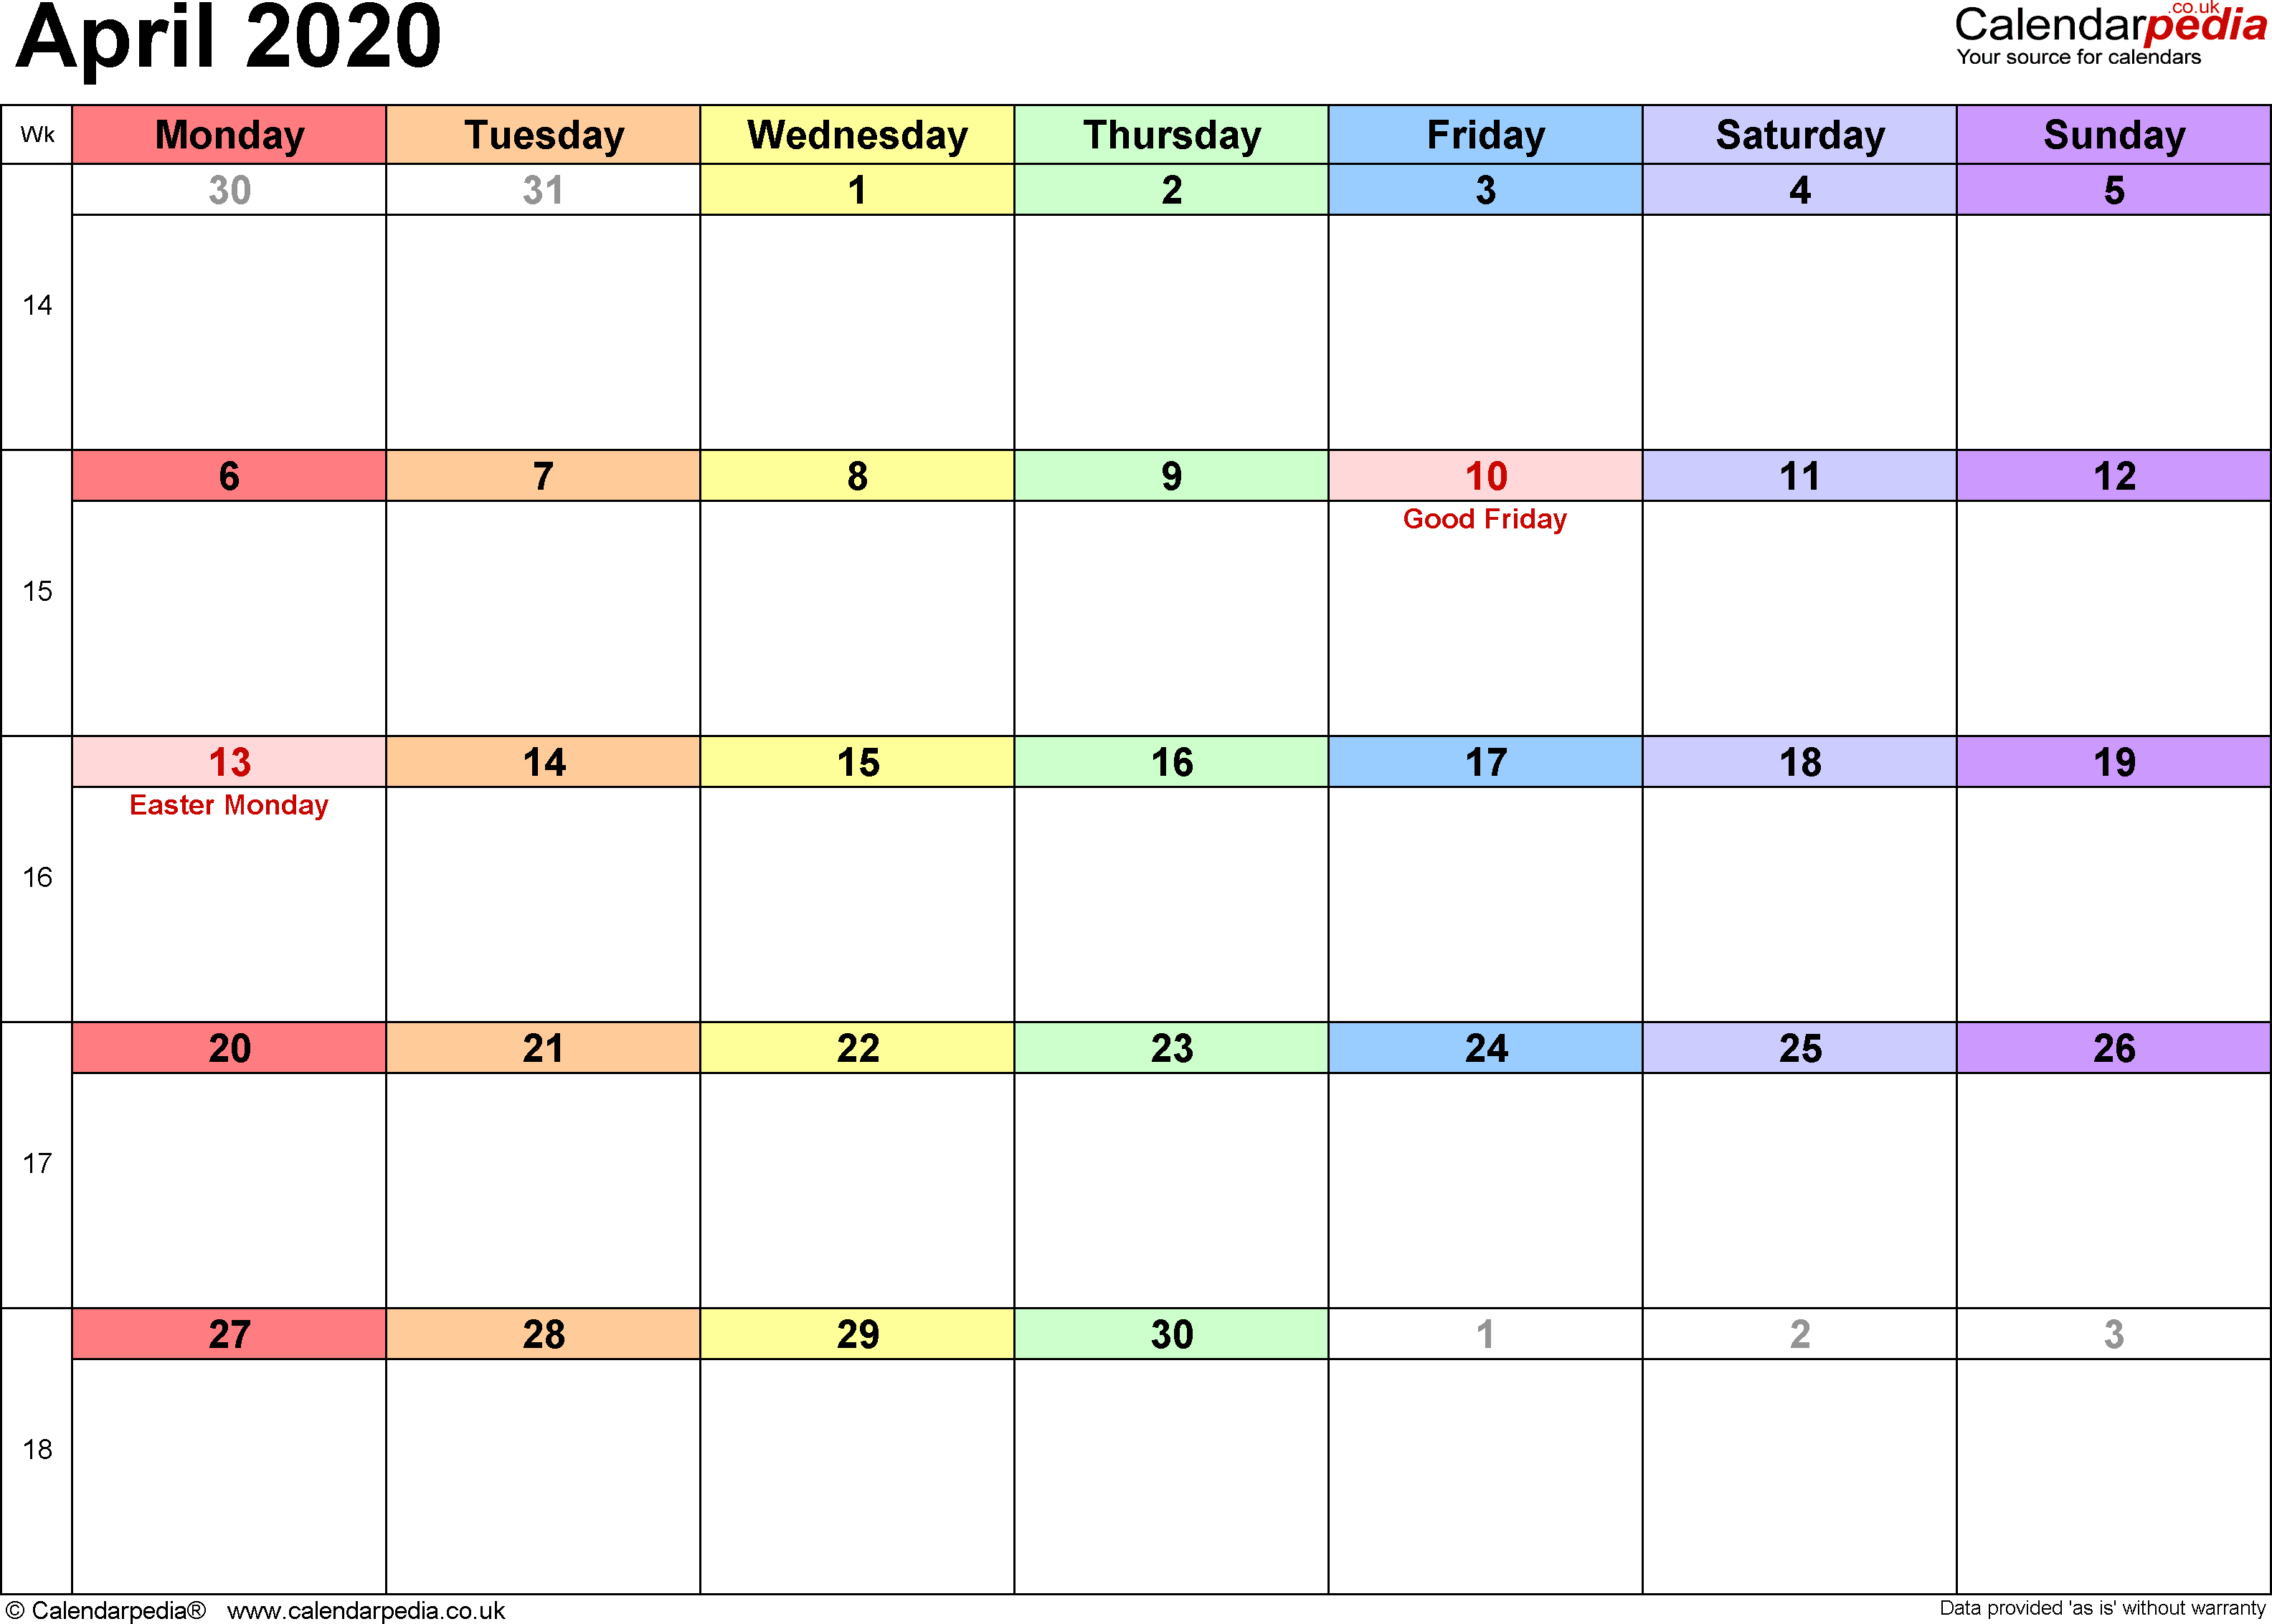 Calendar April 2020 Uk, Bank Holidays, Excel/pdf/word Templates